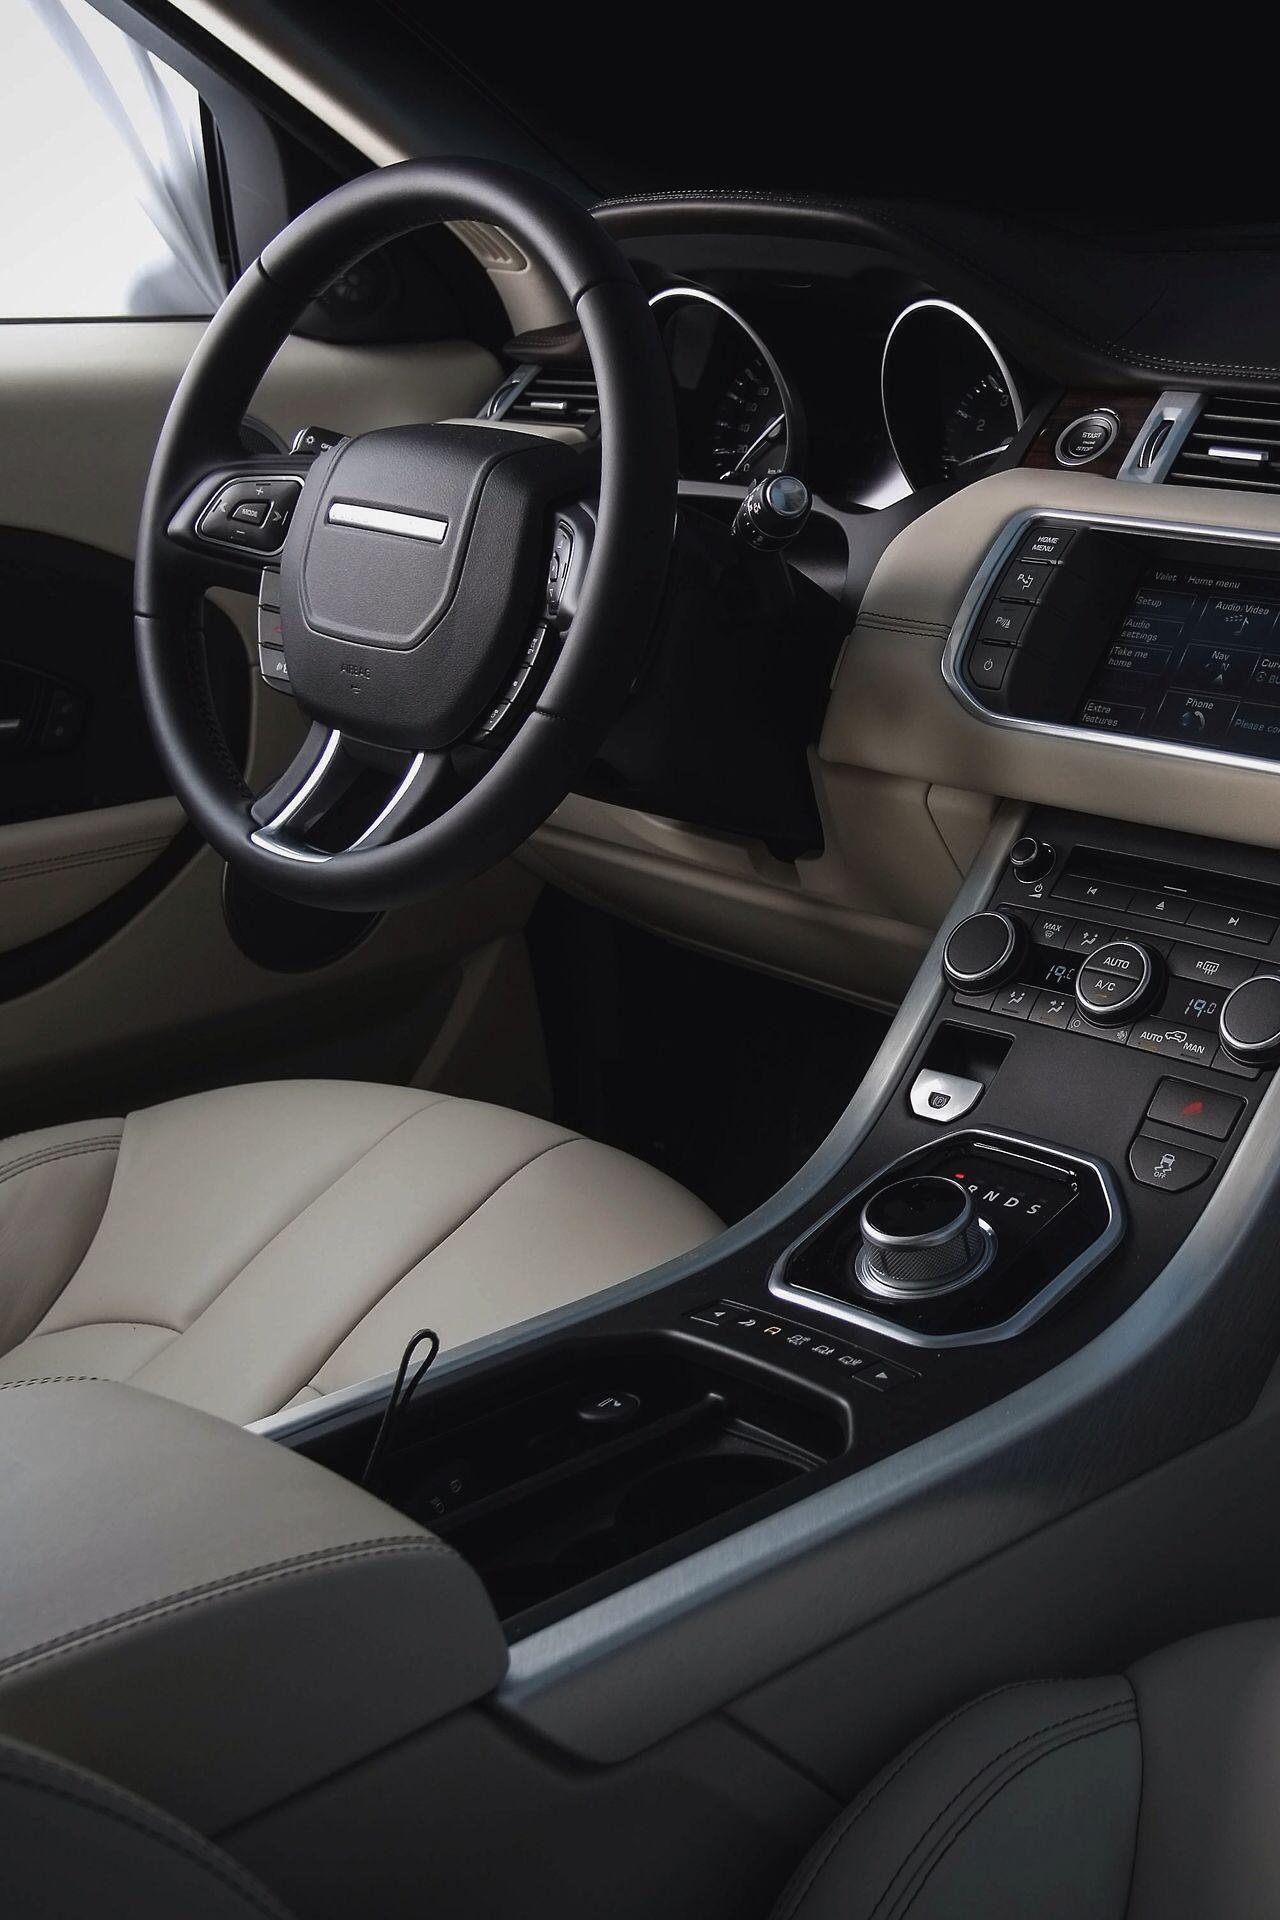 Inside the new Range Rover Cars Pinterest